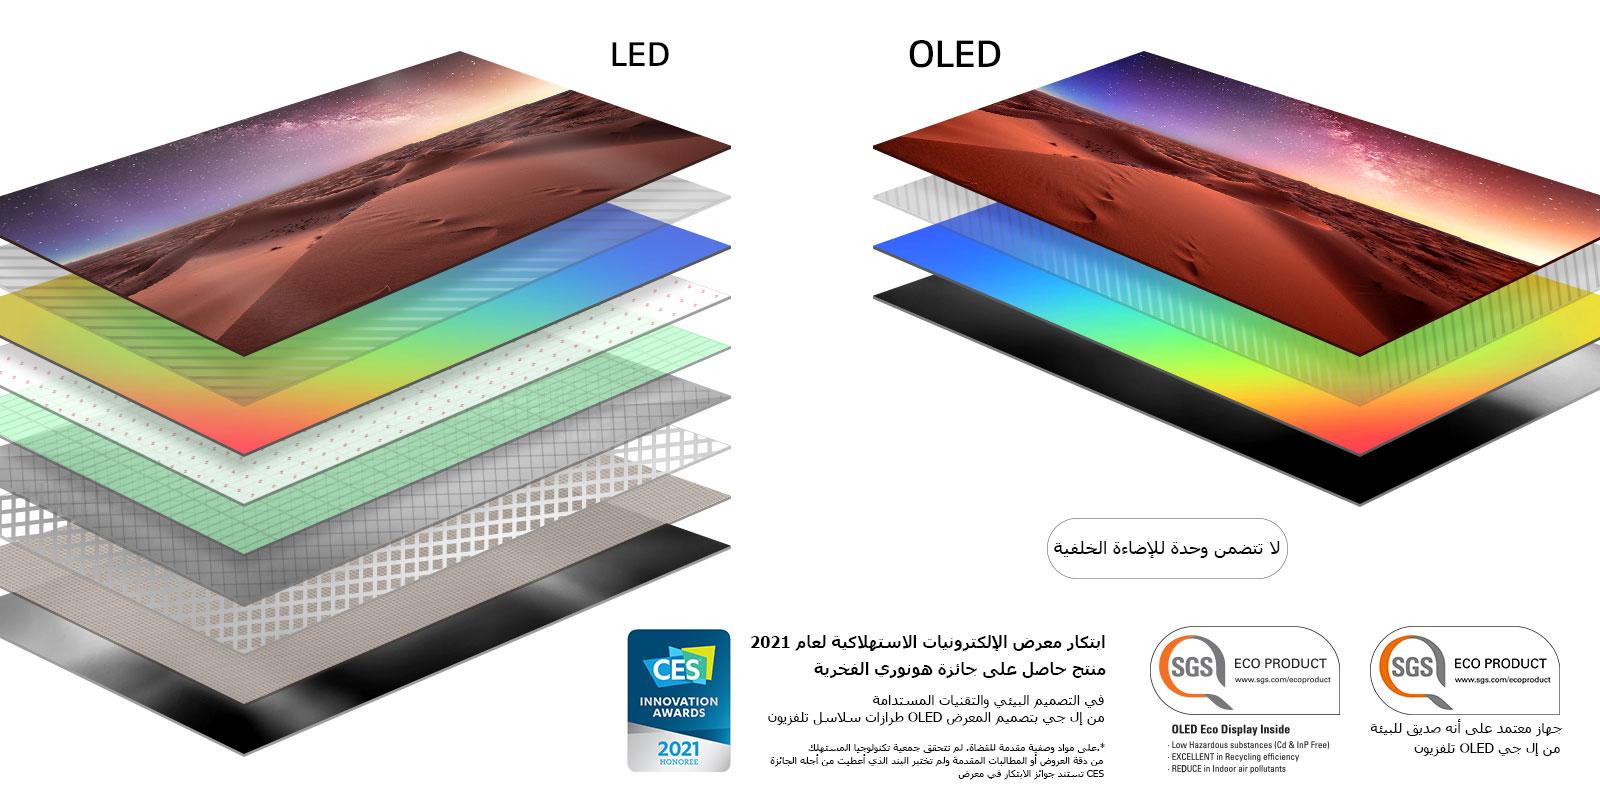 مقارنة بين تكوين طبقة شاشة تلفزيونات LED بتقنية الإضاءة الخلفية وتلفزيونات OLED التي تعمل بتقنية الإضاءة الذاتية (تشغيل الفيديو)